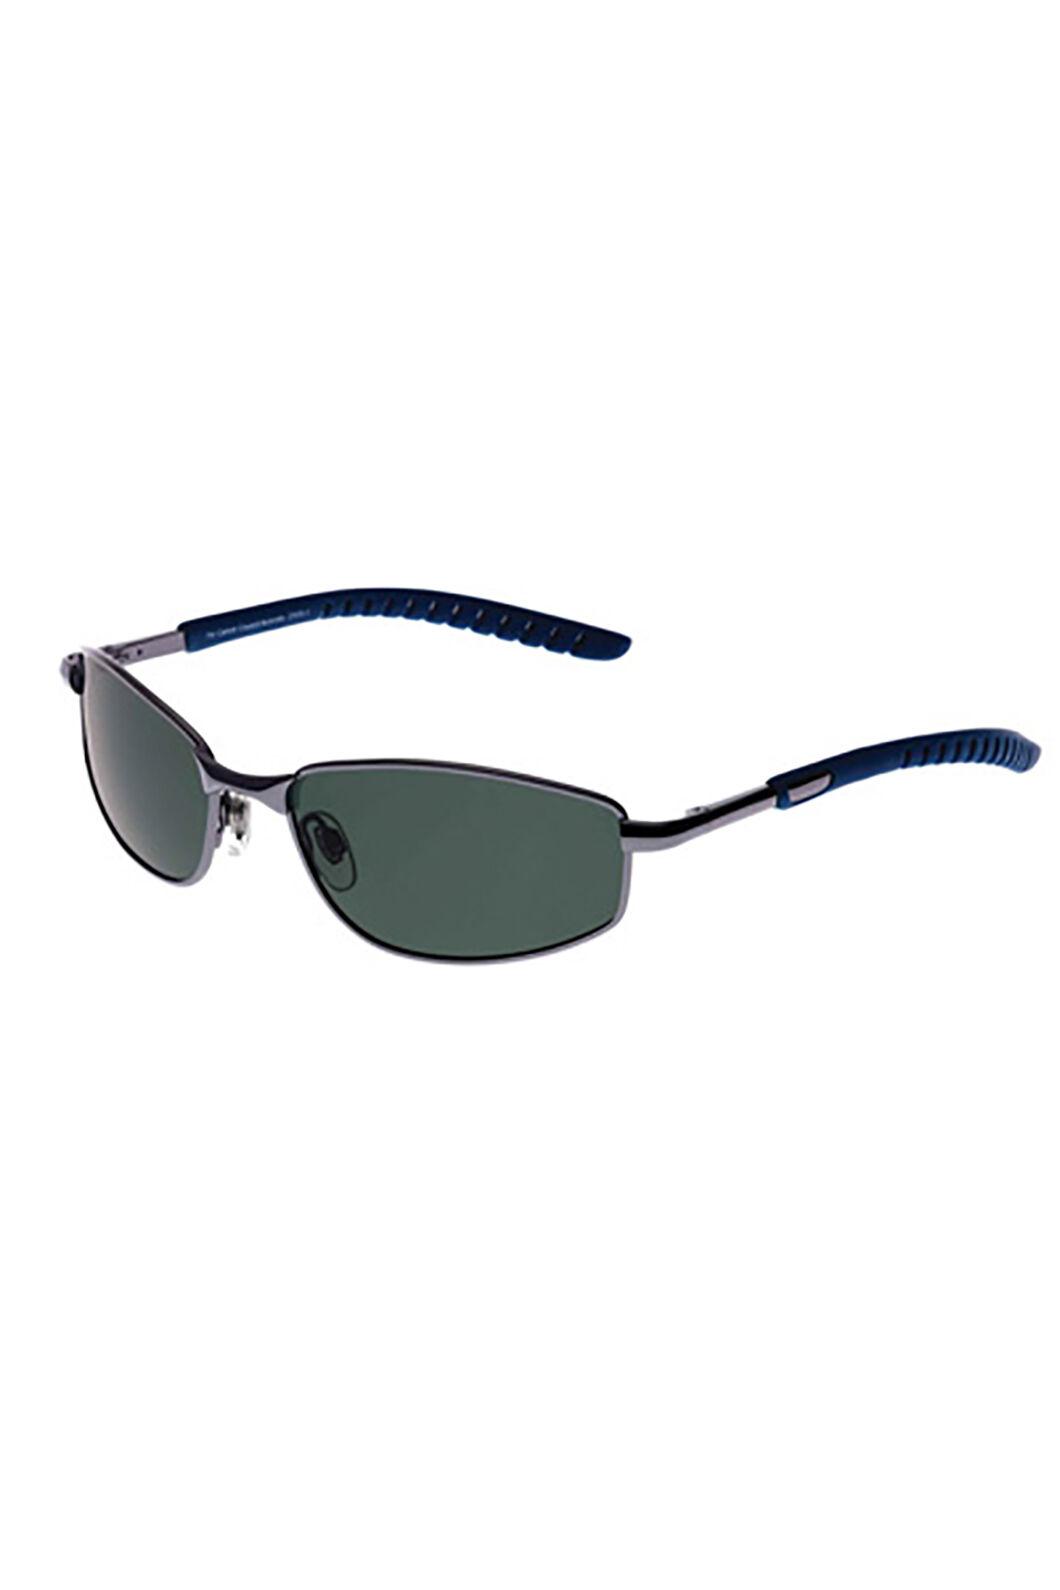 Cancer Council Unisex Trundle Polarised Sunglasses, DARK GUNMETAL/BLUE, hi-res